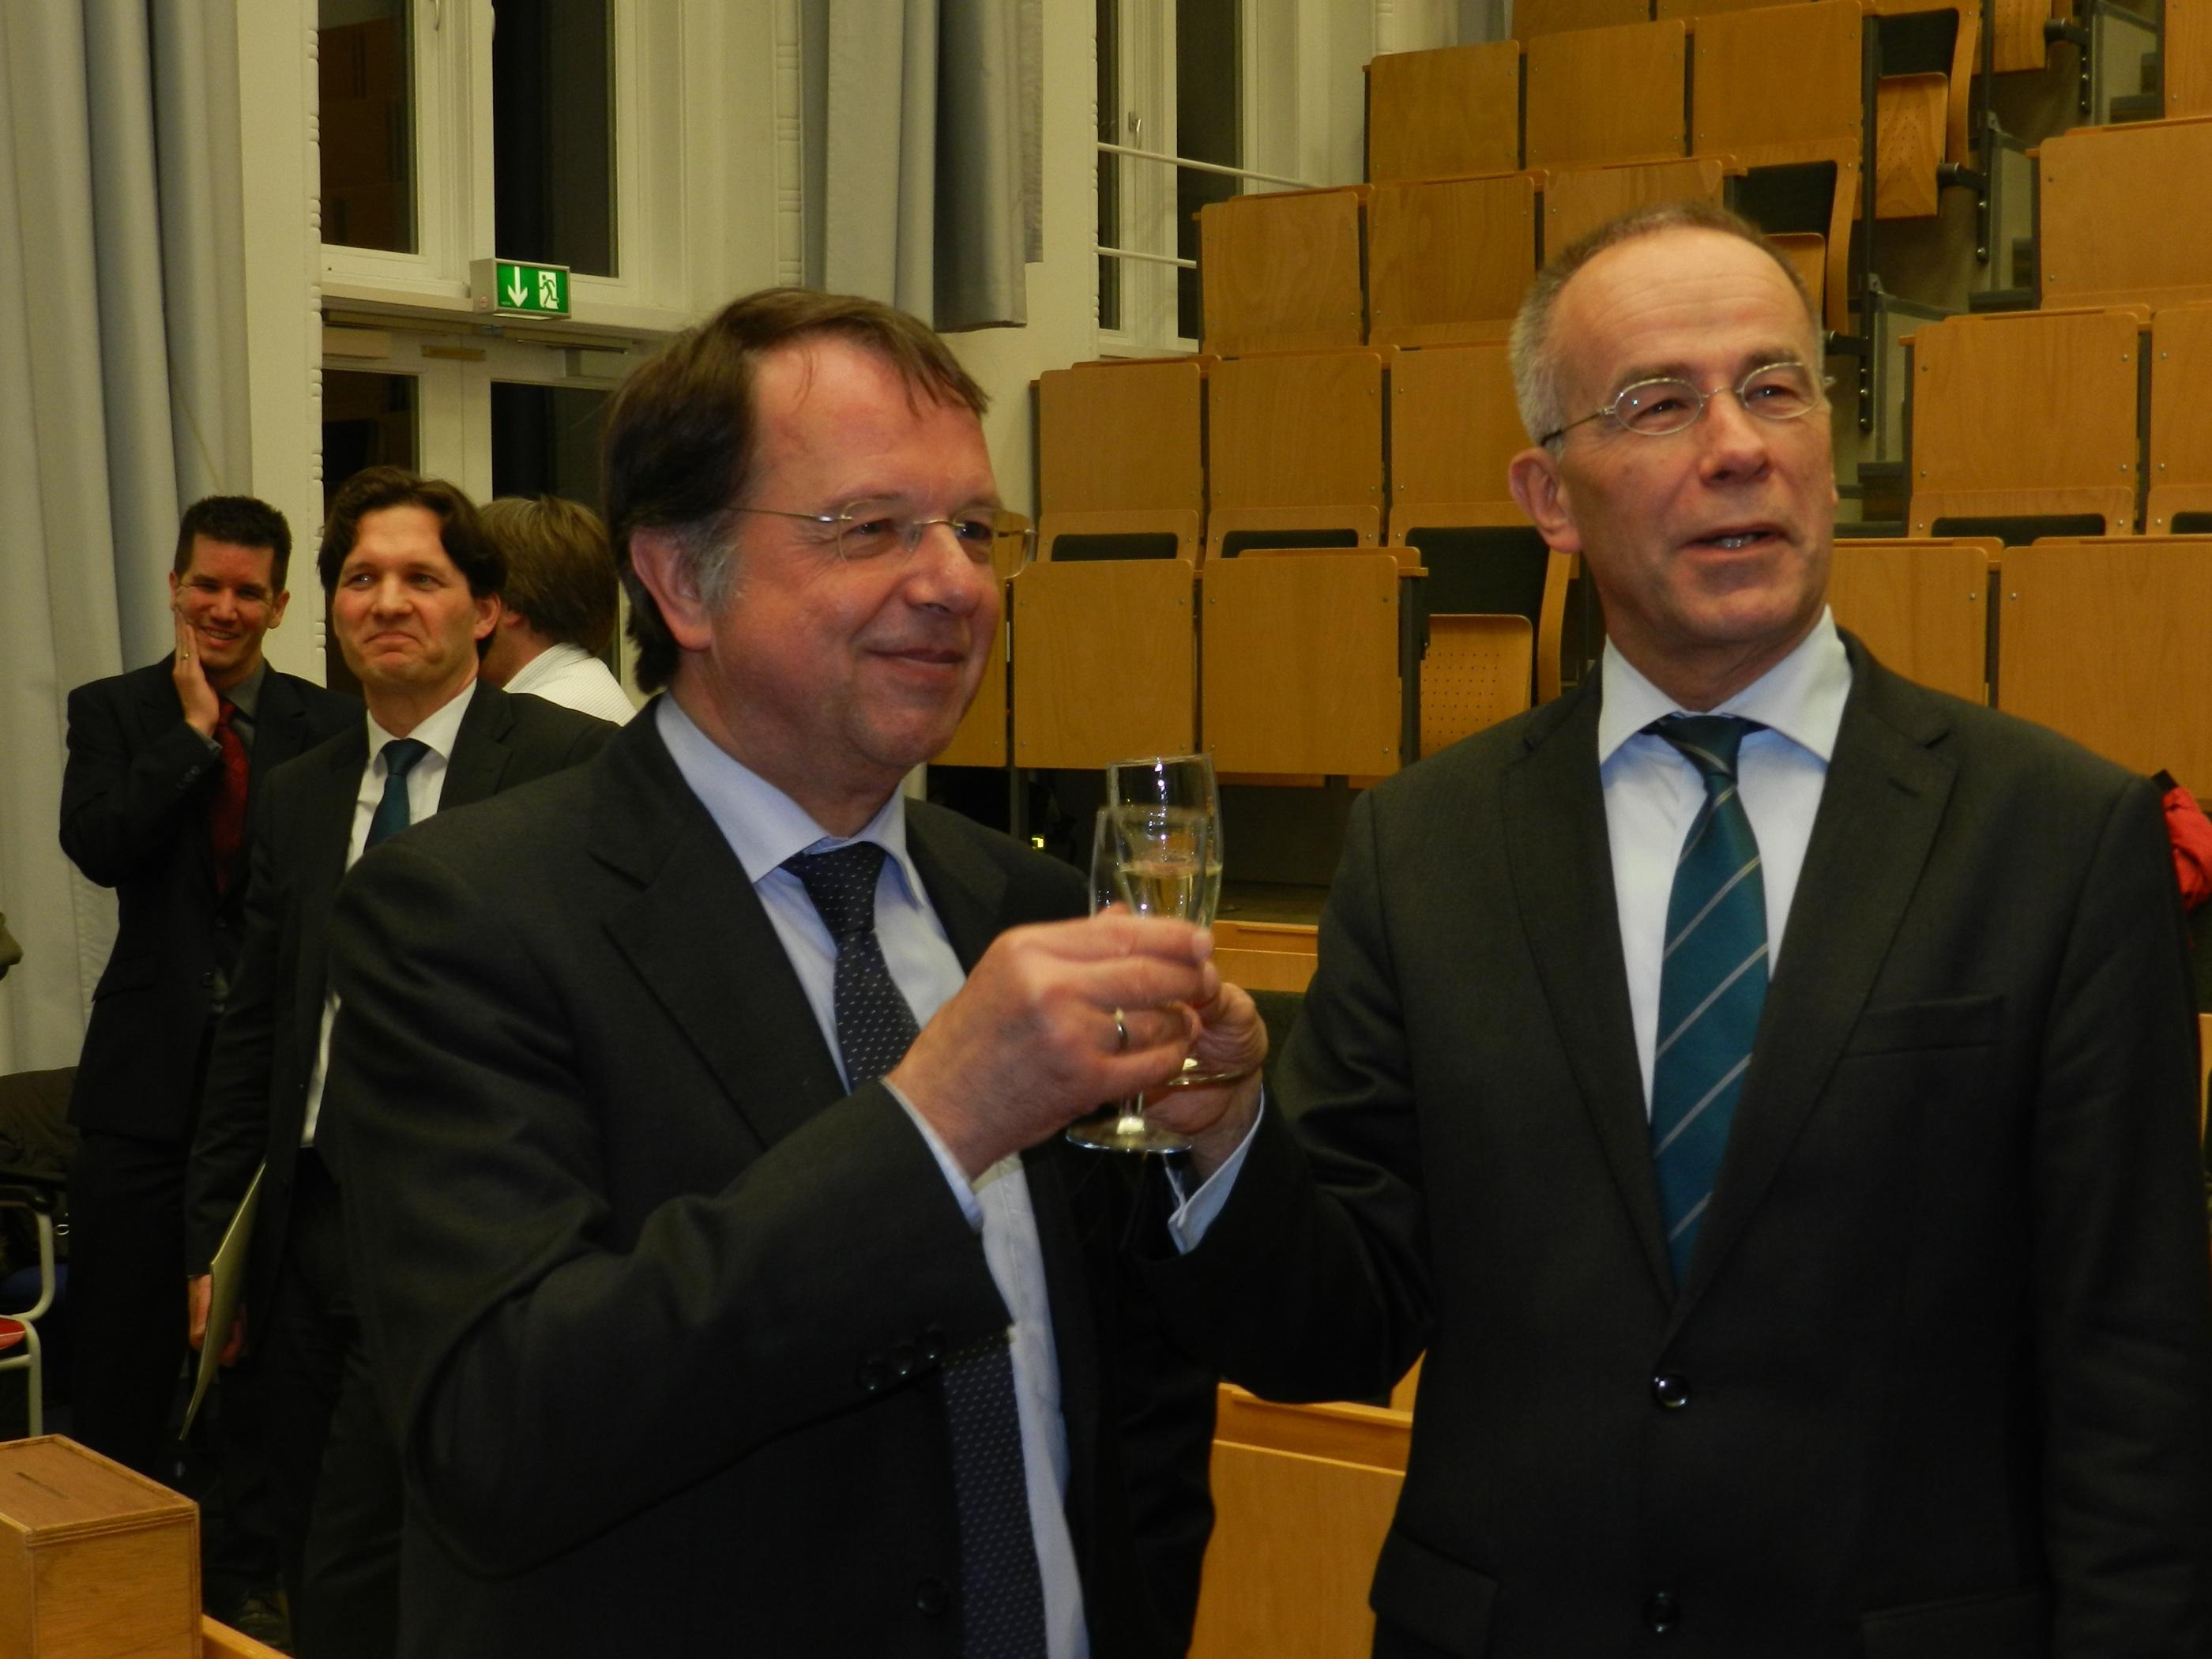 Der ehemalige und der neue Präsident der Uni